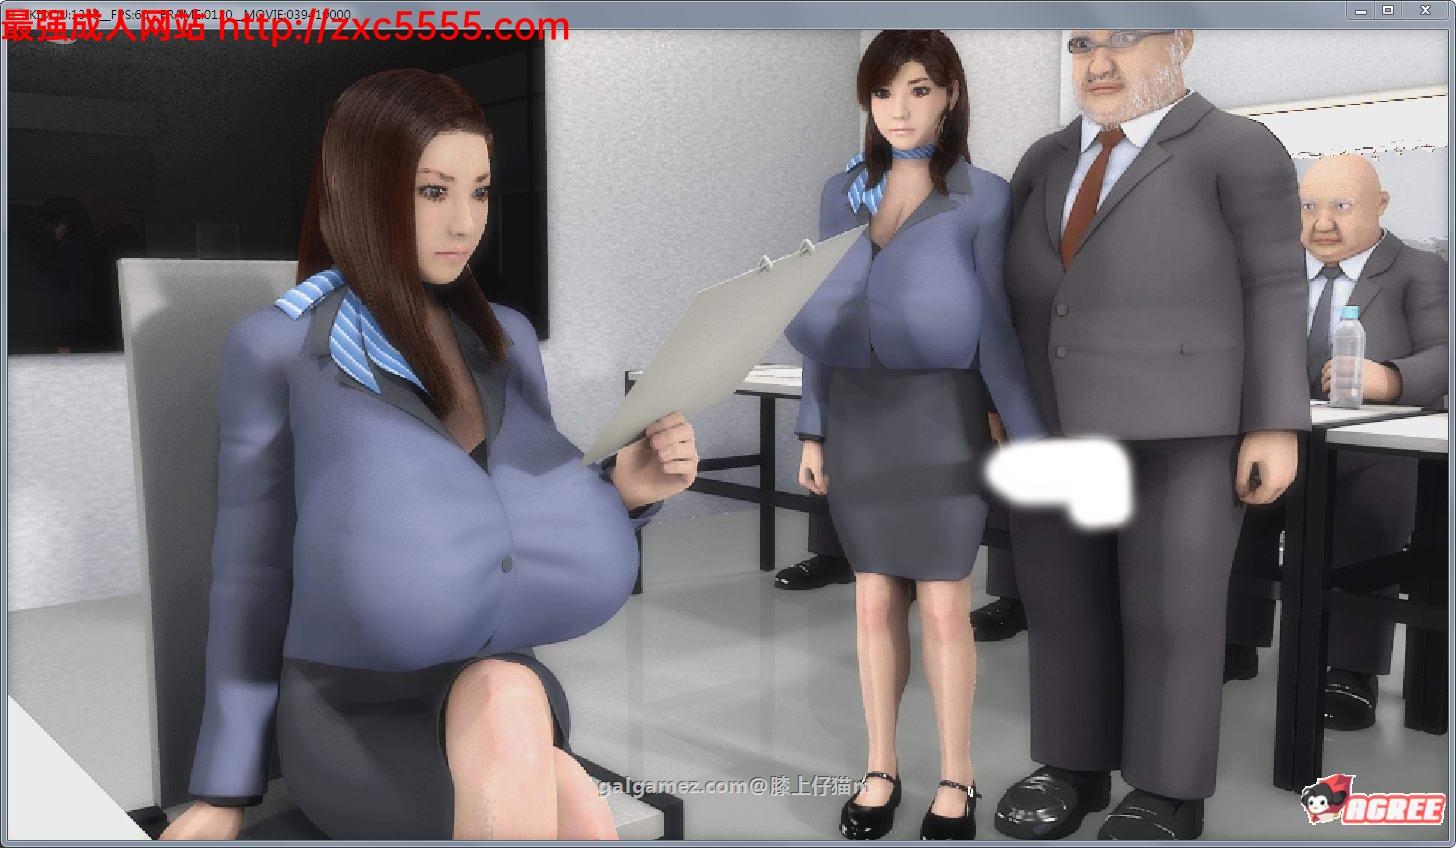 【3D/互动/全动态】爆茹女秘书:任意妄为的エロ董事会工作会议!【2.8G】 3